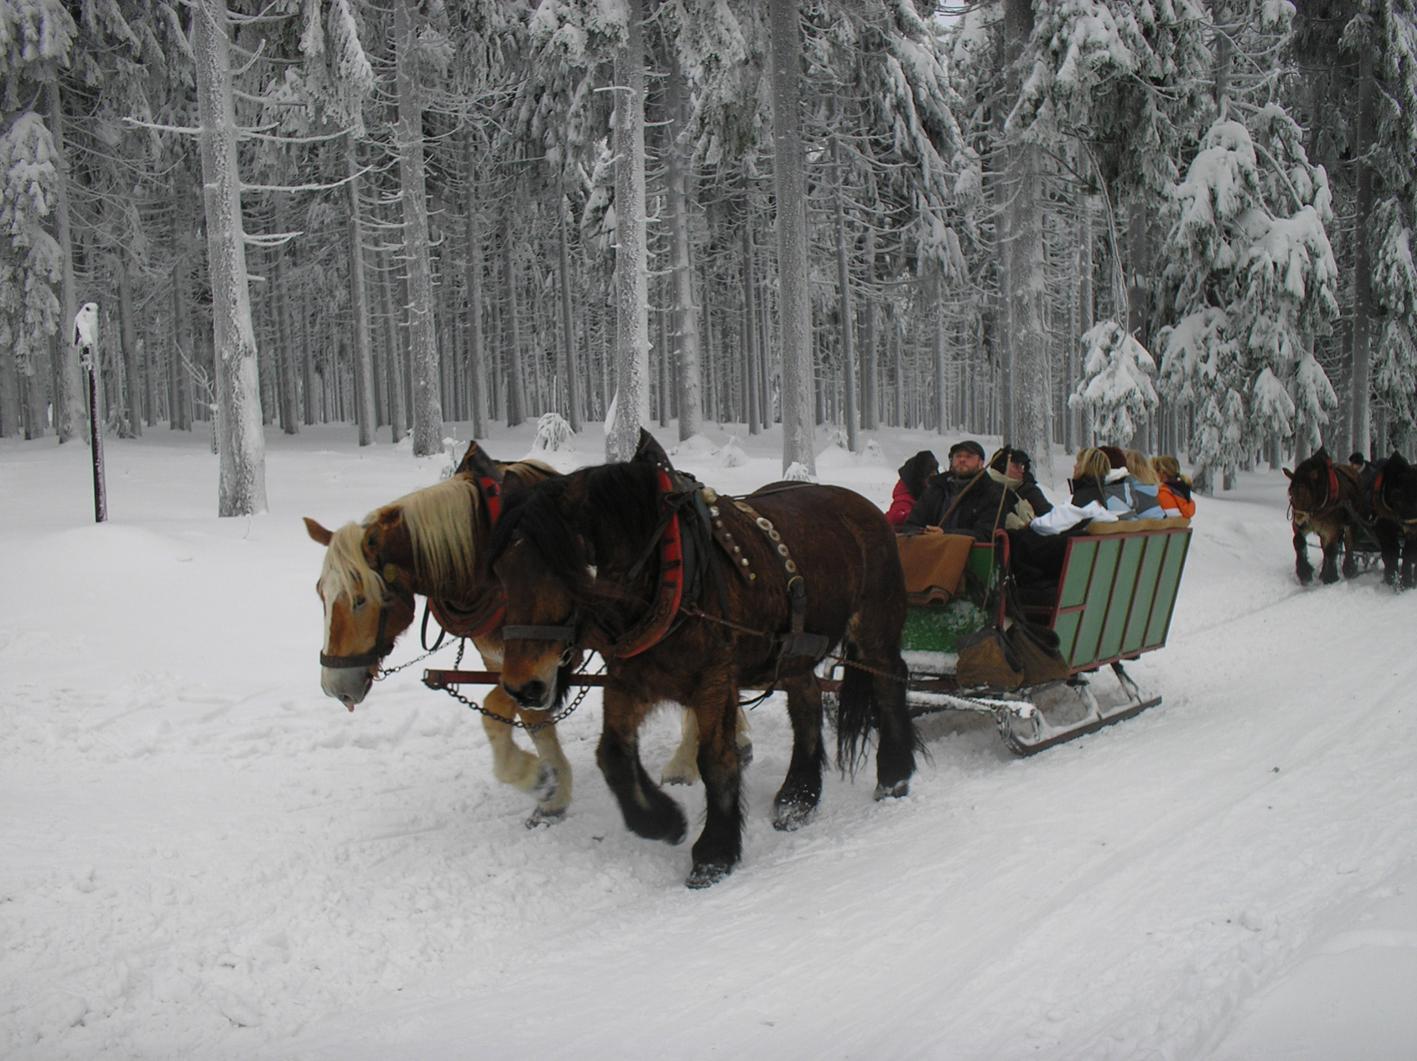 Wolfgang Holland war im Thüringer Wald.: »Eine Schlittenfahrt am Neujahrsmorgen vertreibt den stärksten Silvesterkater.«